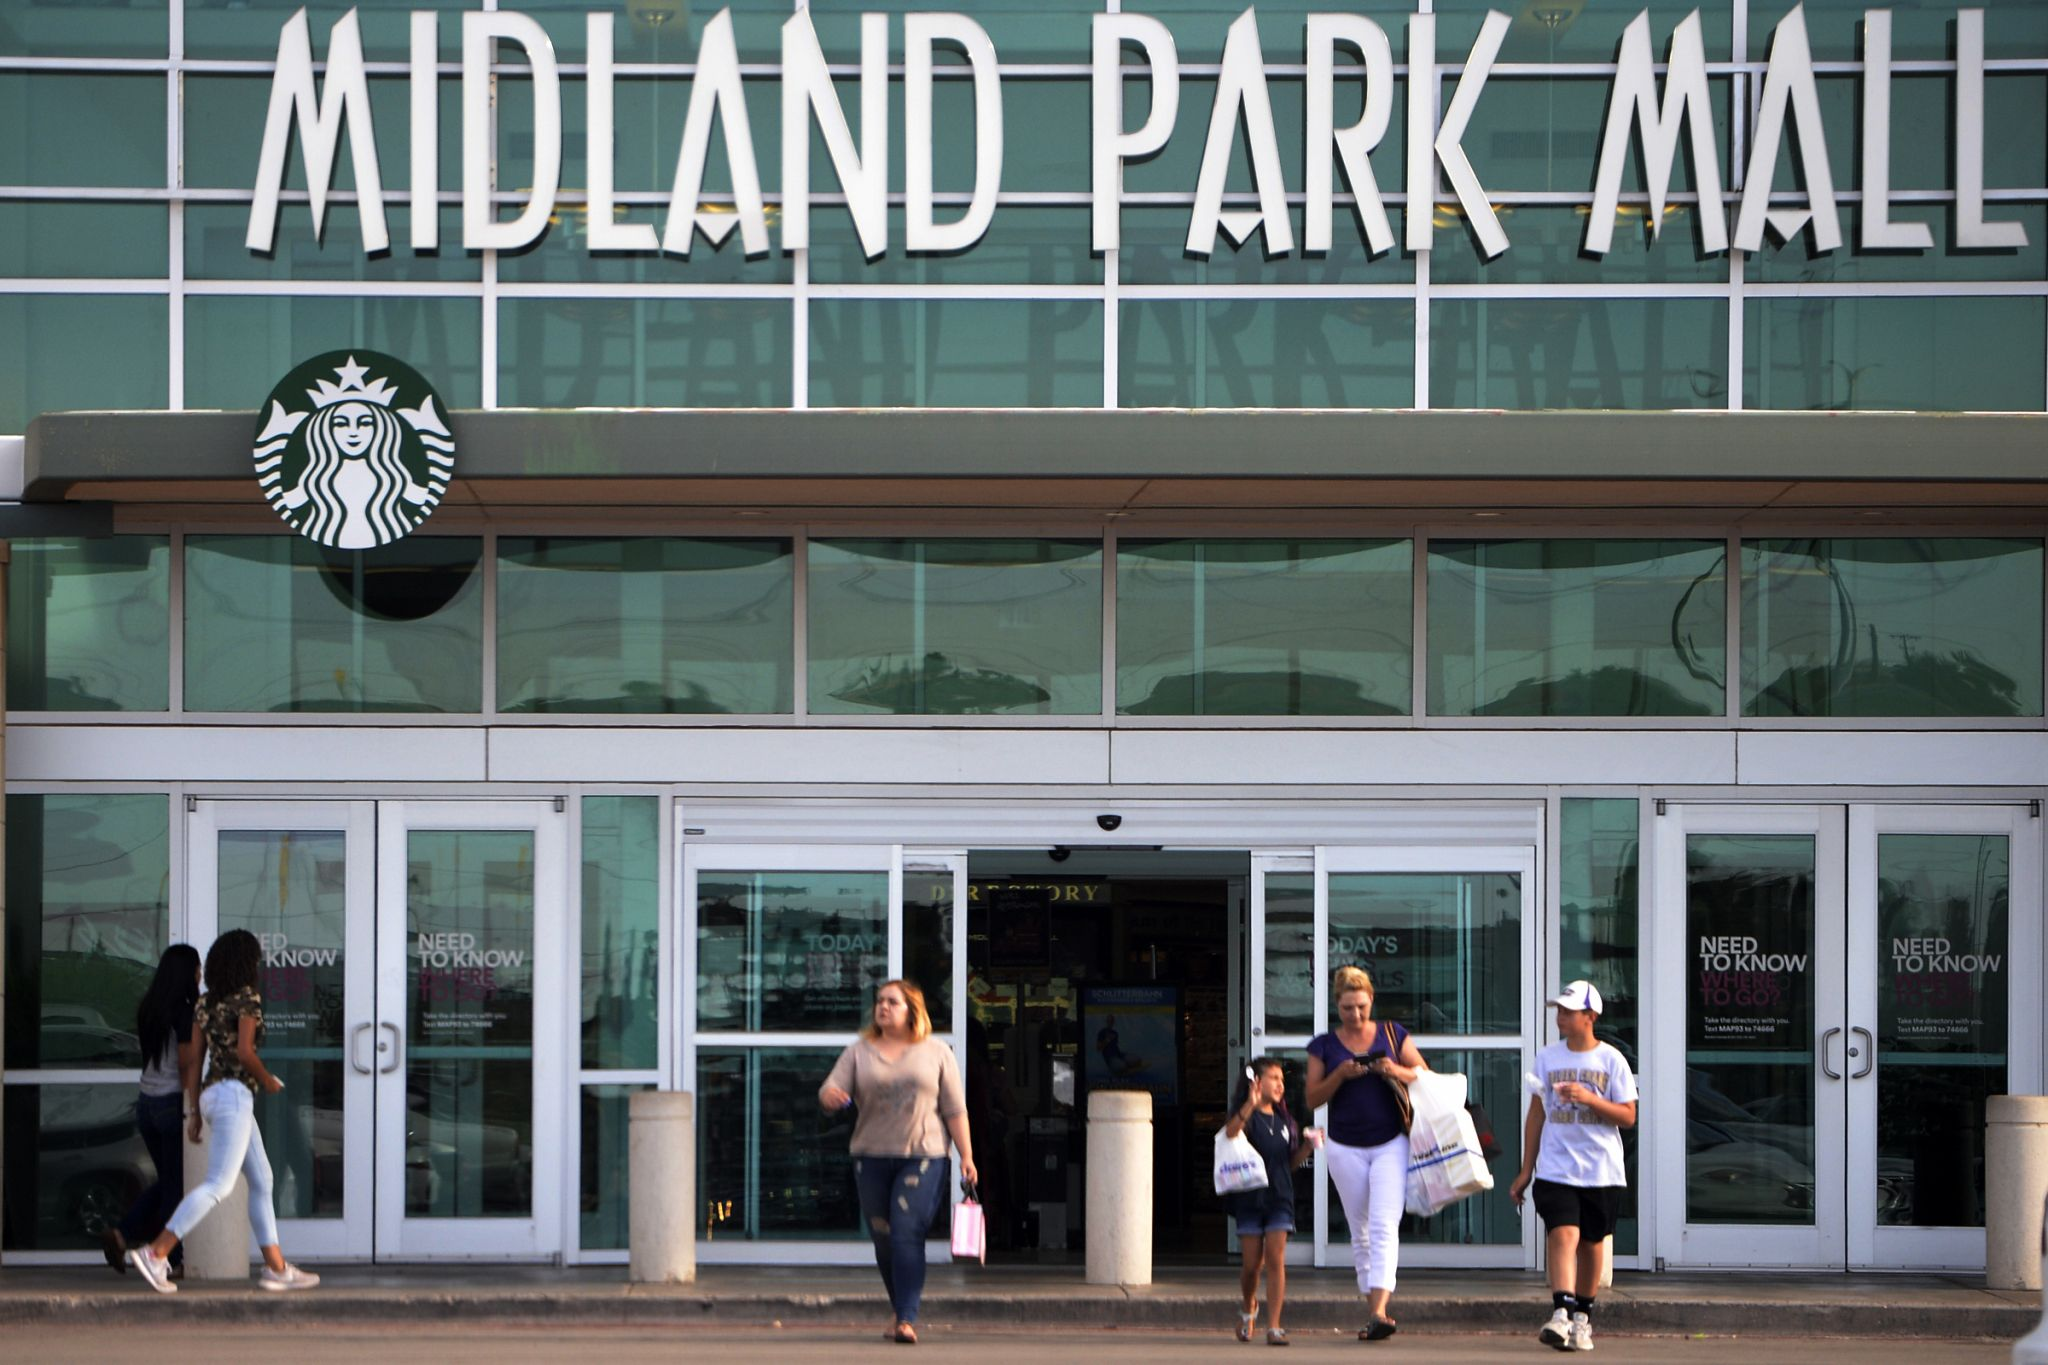 vans midland park mall